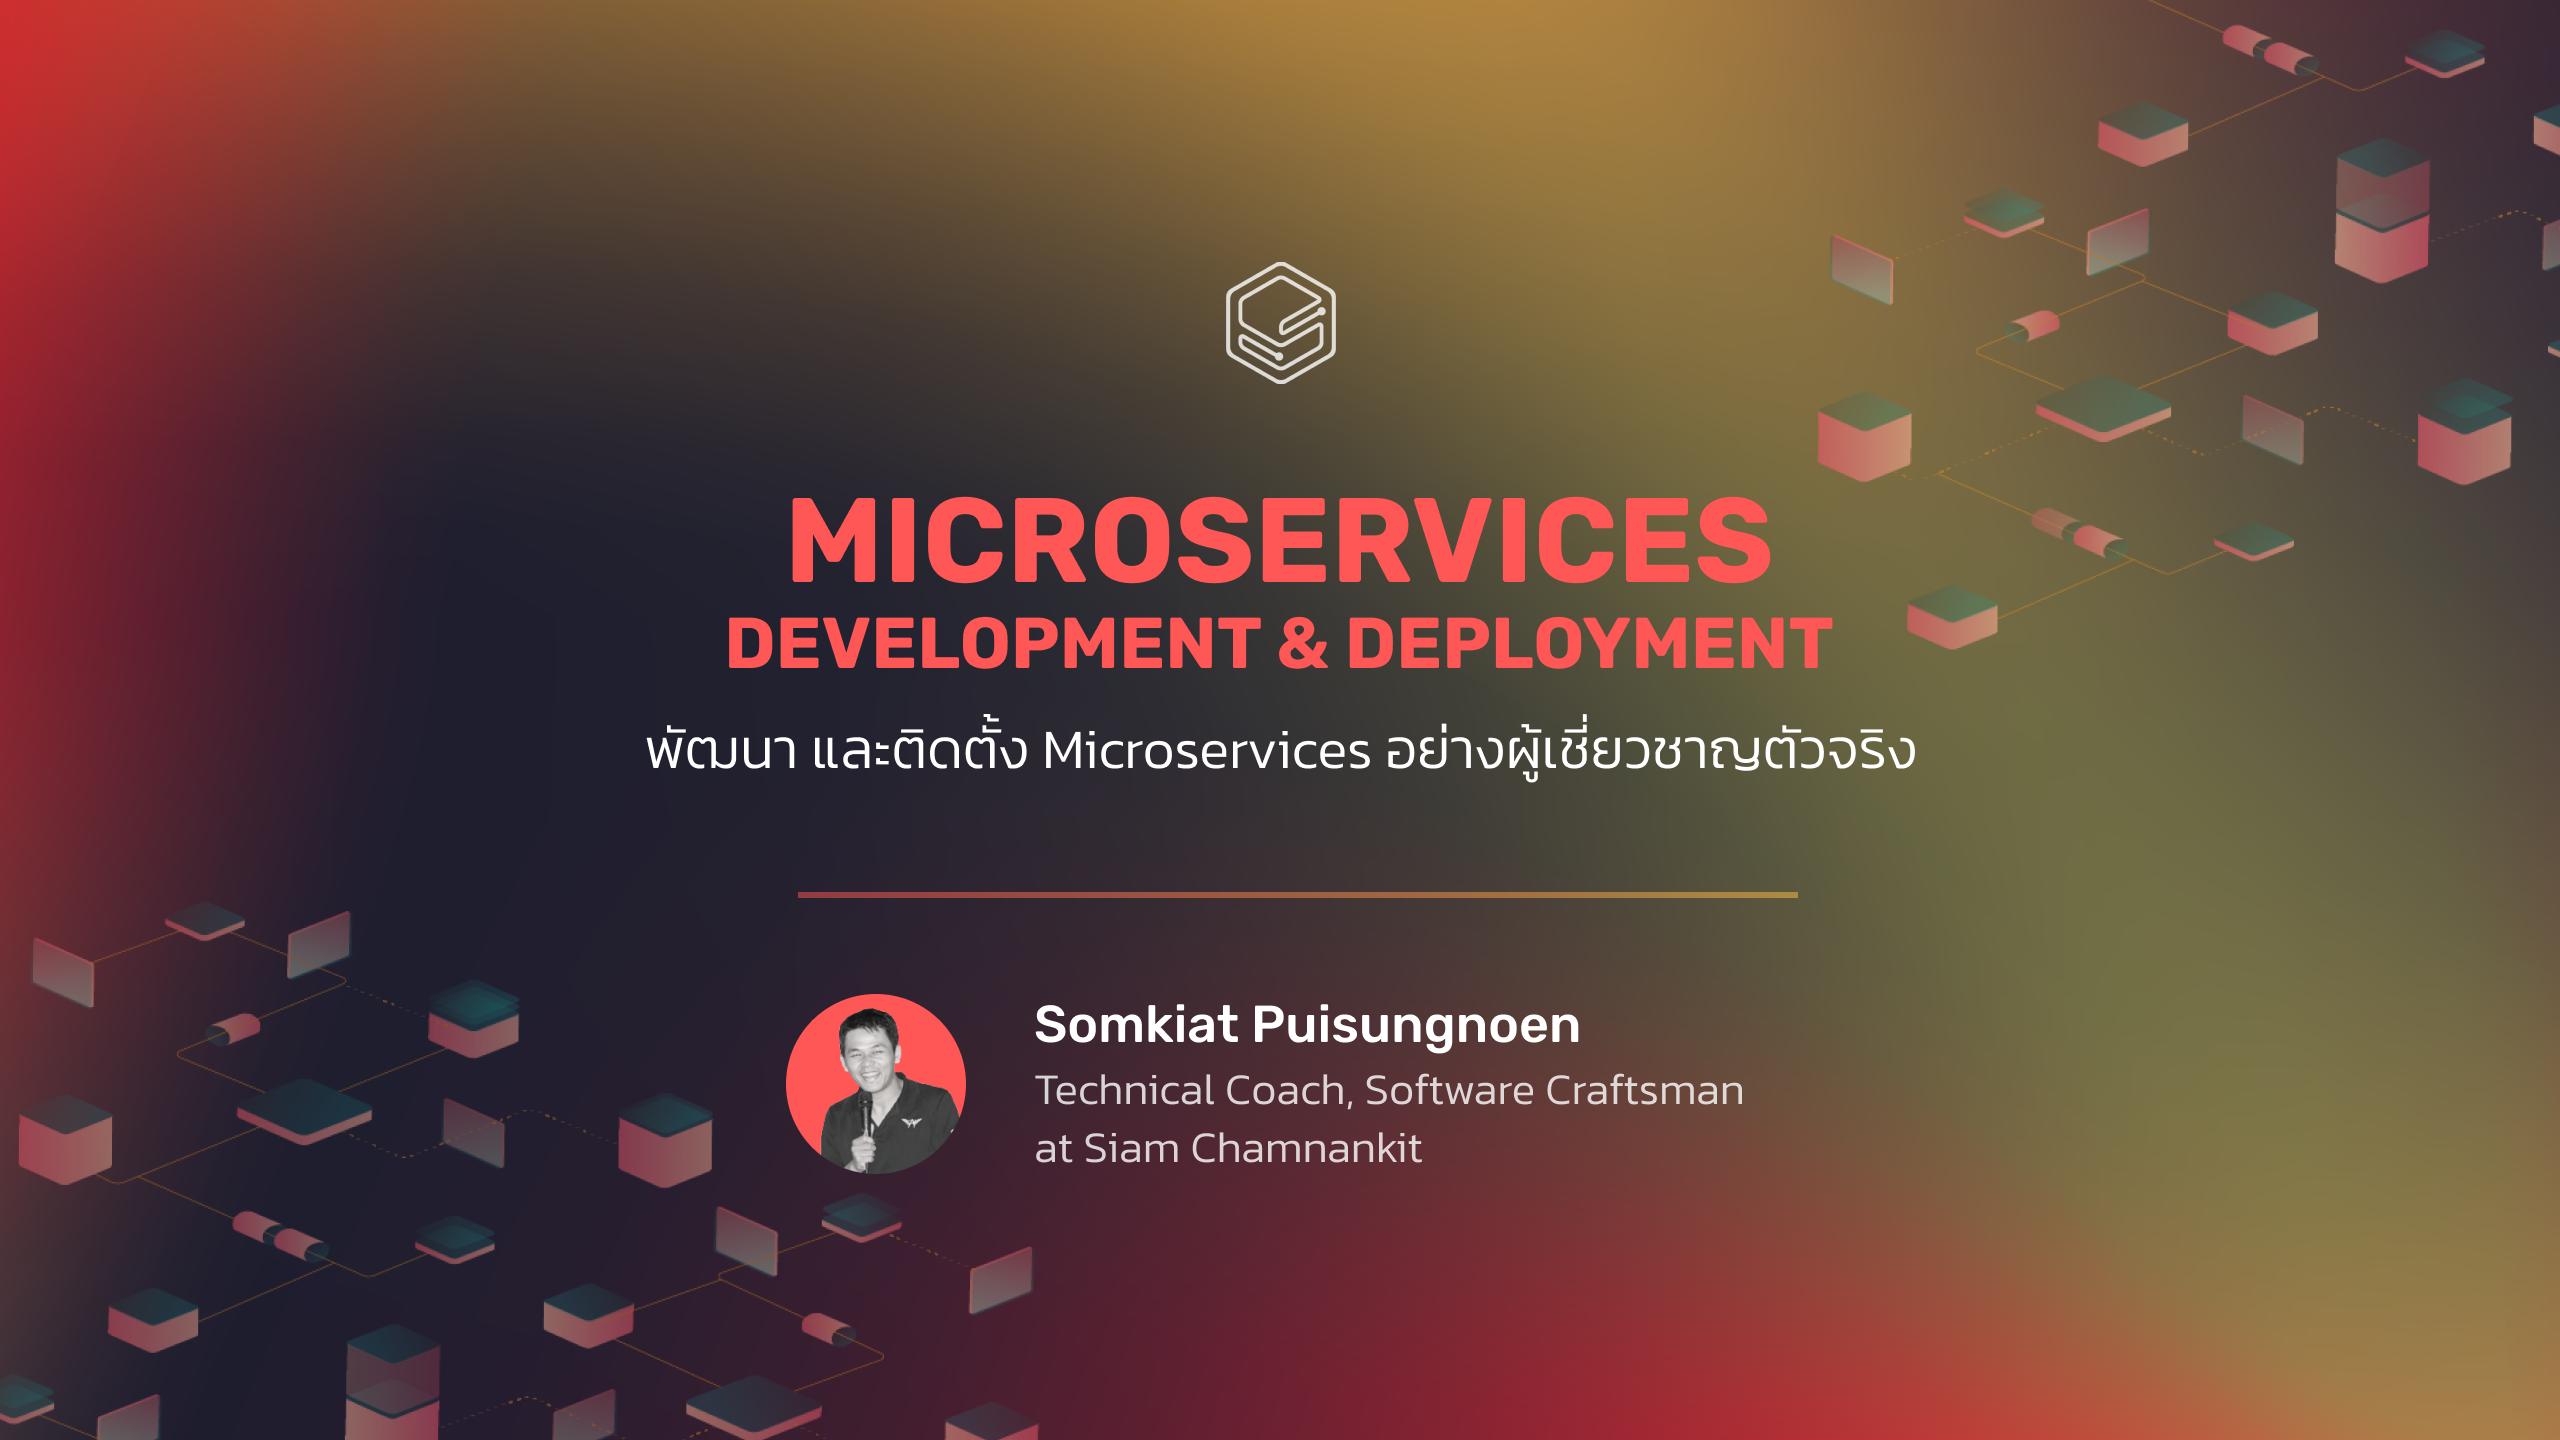 พัฒนา และติดตั้ง Microservices อย่างผู้เชี่ยวชาญตัวจริง | Skooldio Workshop: Microservices Development to Deployment รุ่นที่ 10